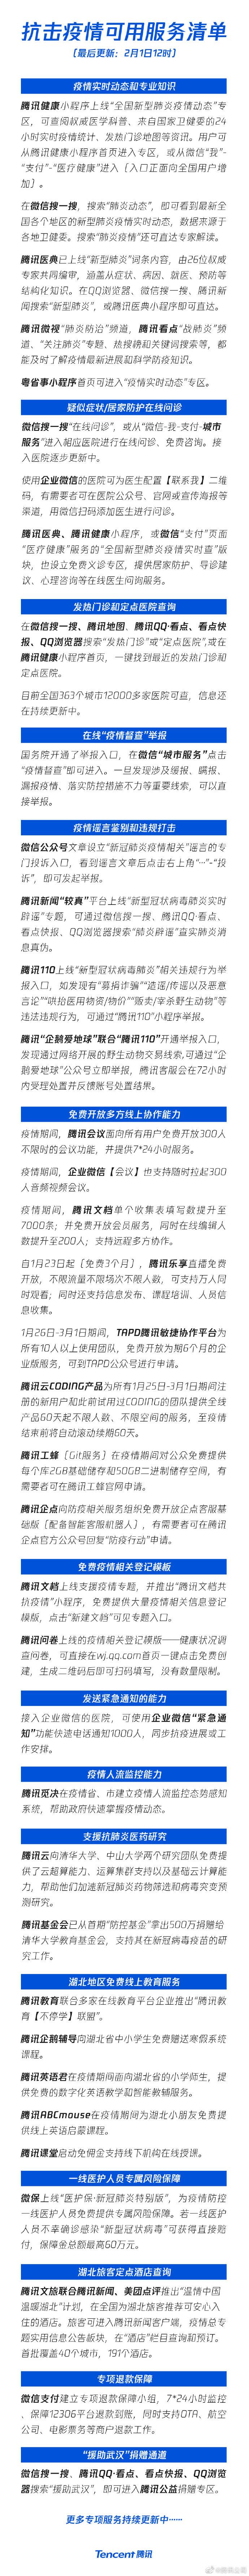 腾讯云向清华大学、中山大学两个研究团队免费提供云计算